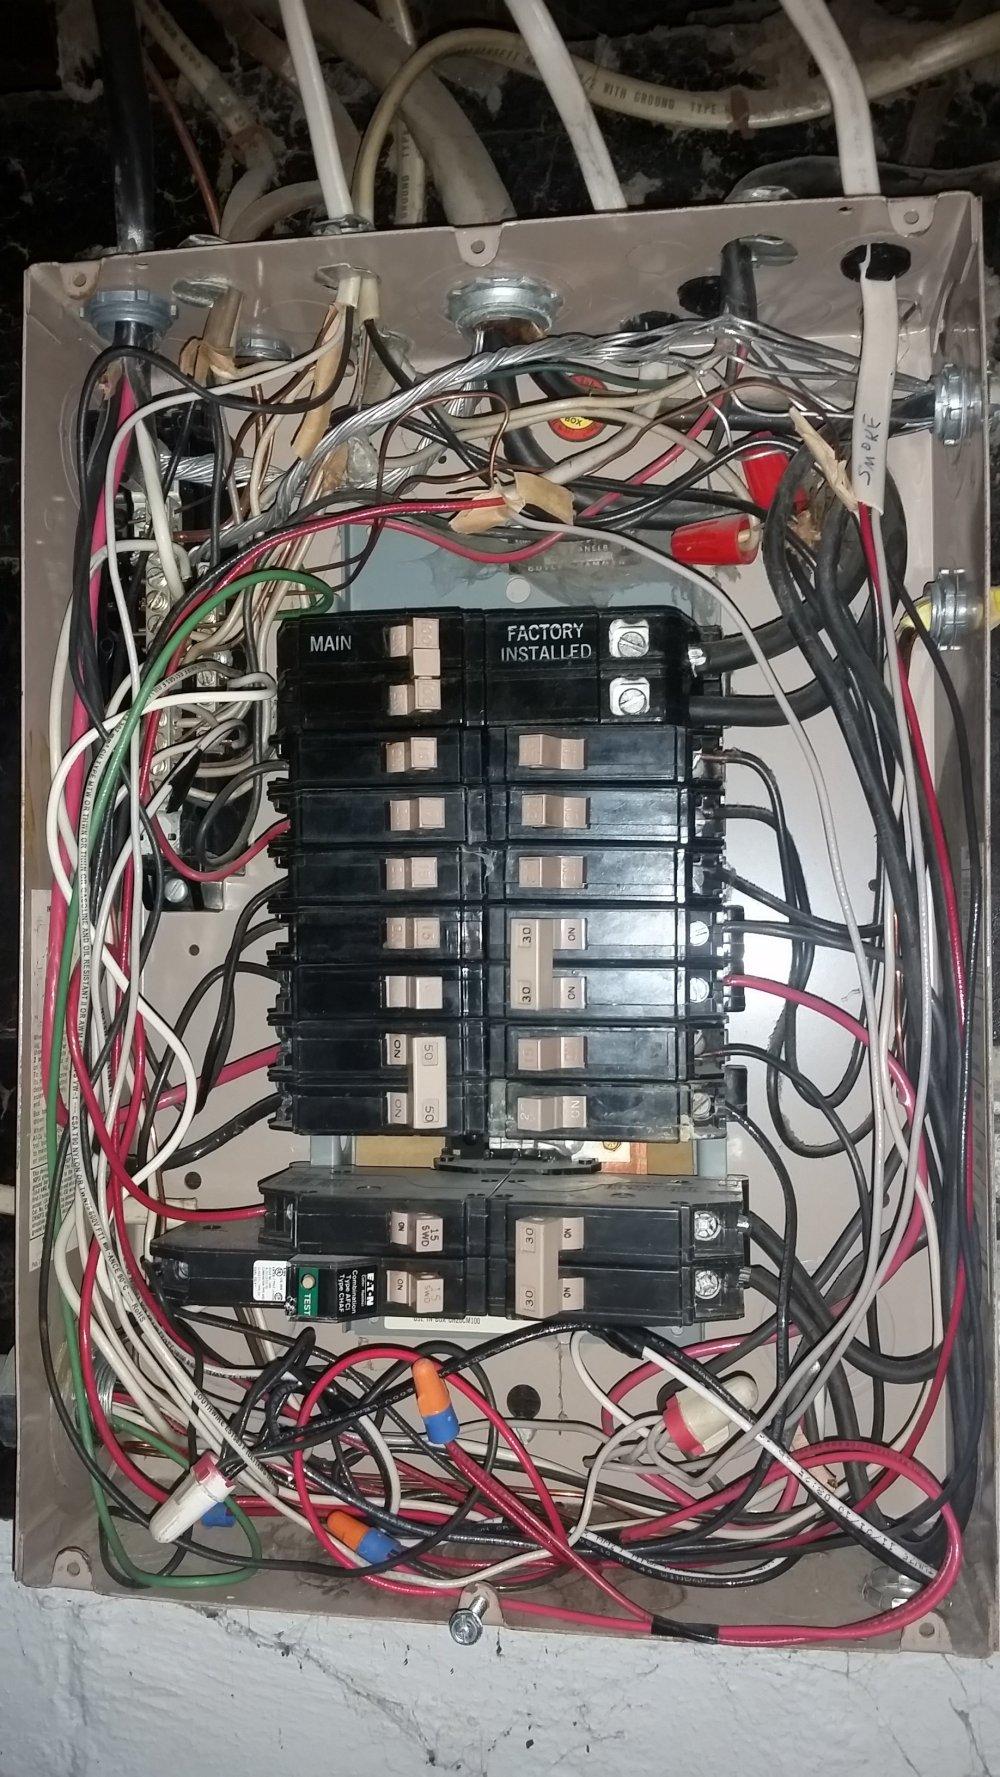 medium resolution of leads on in line 240v gfci homebrewtalk com beer wine mead installing 220 volt wiring cedar mill circuit breaker installing 220